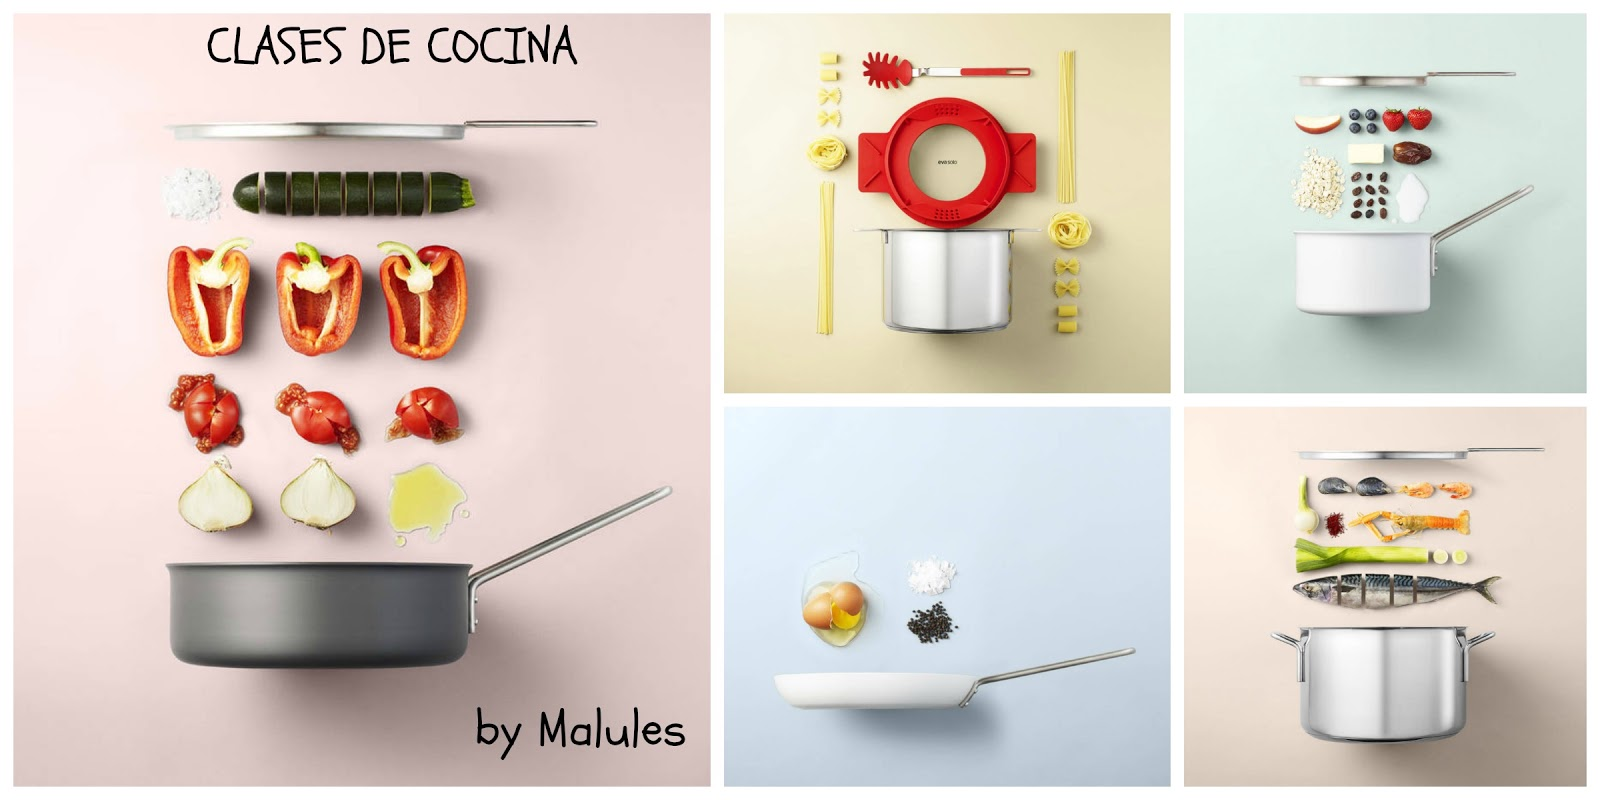 Clases de cocina 25 consejos el blog de malules - Clases de cocina meetic ...